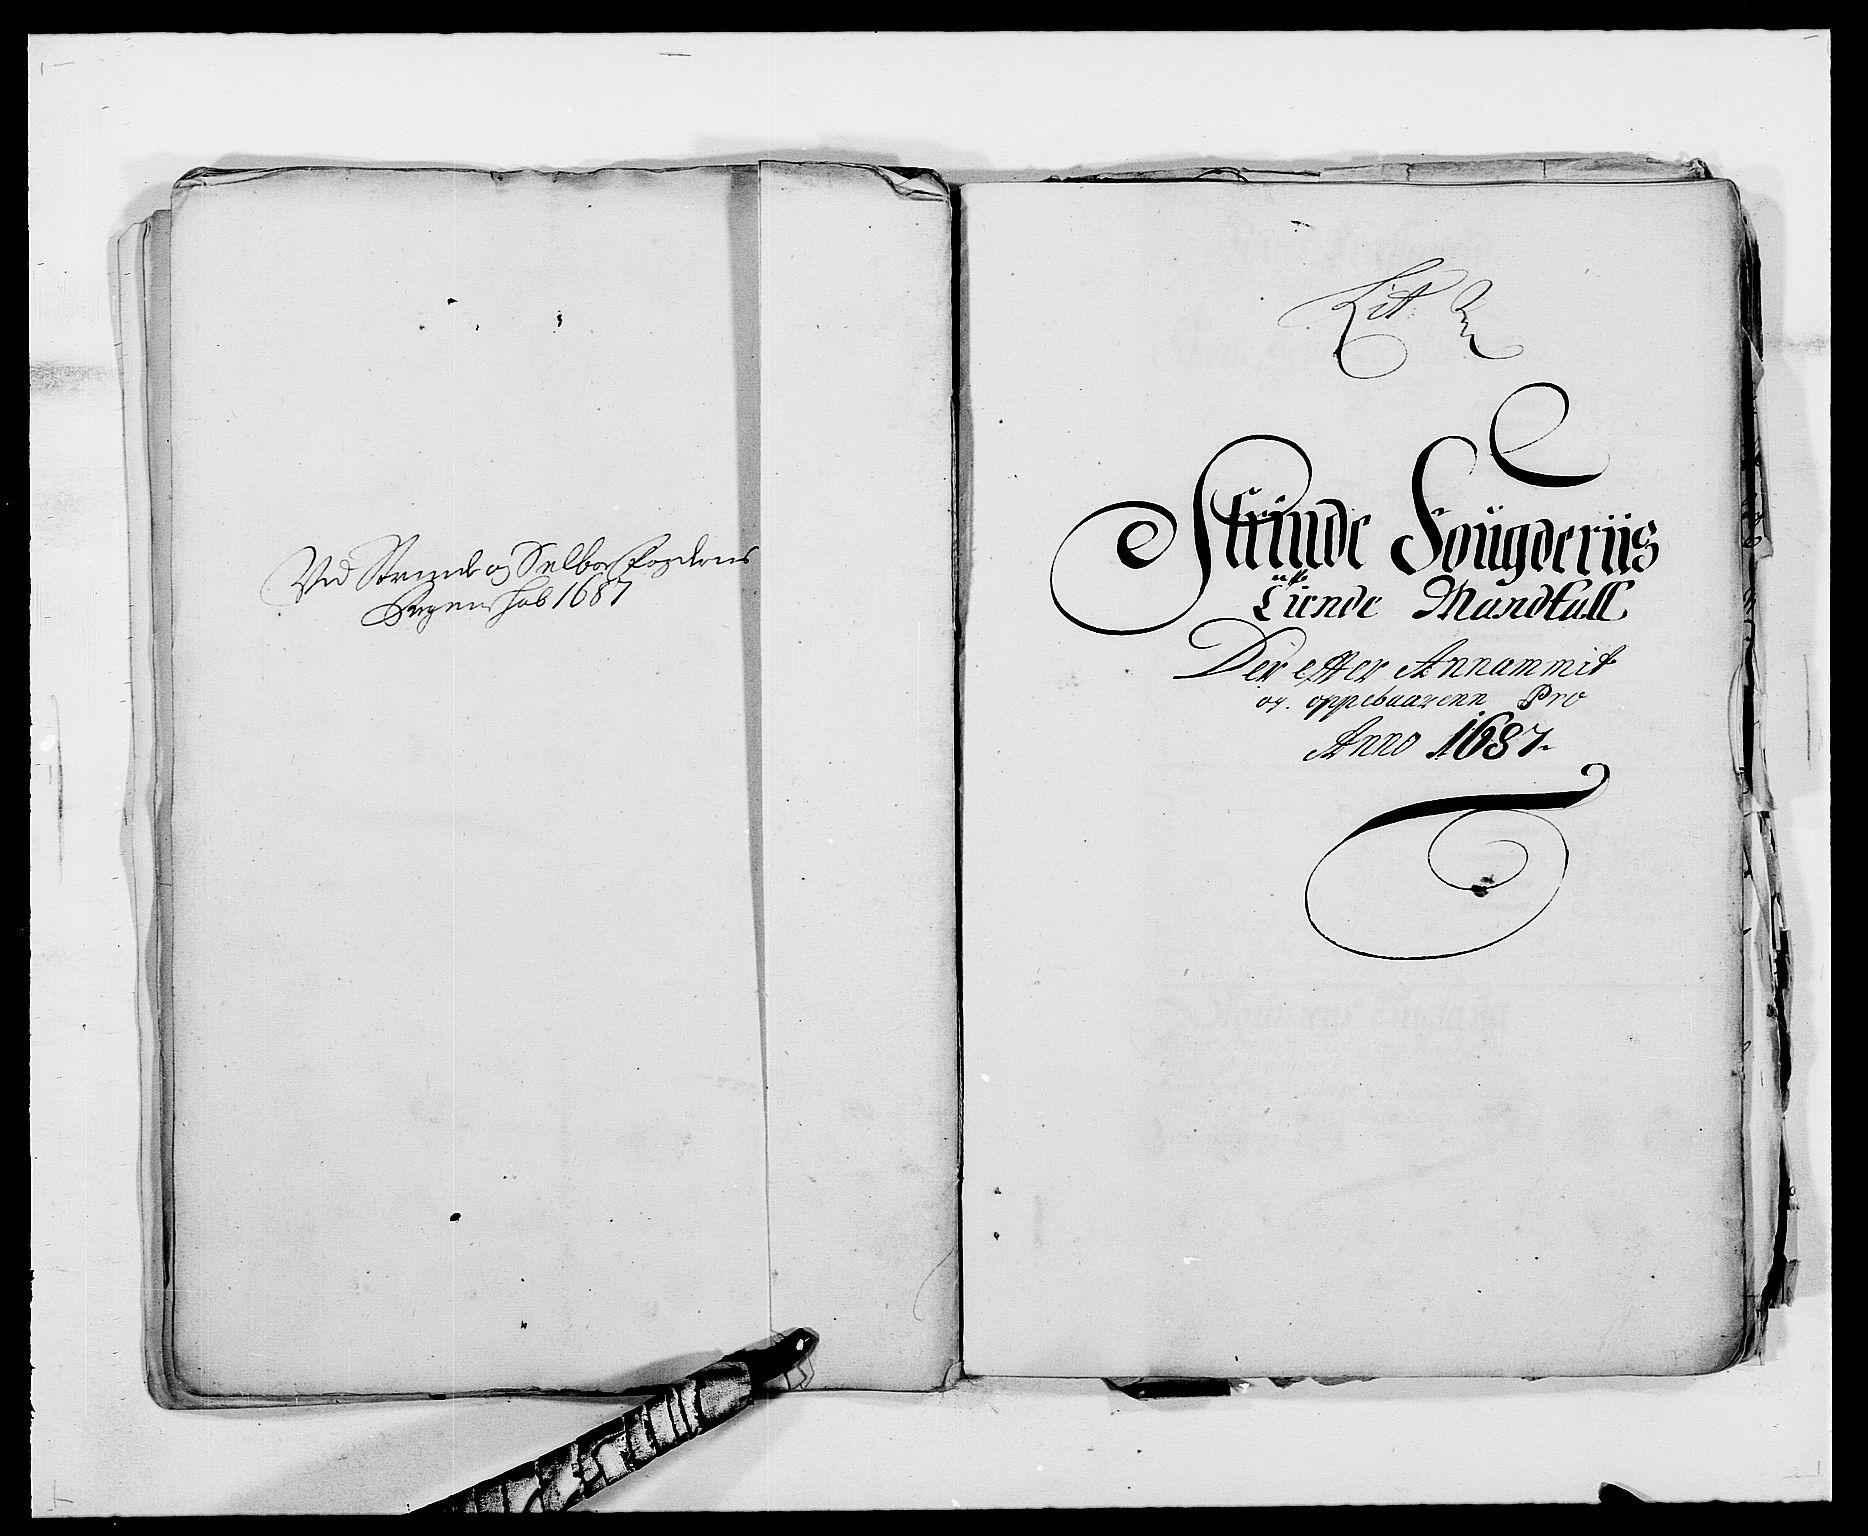 RA, Rentekammeret inntil 1814, Reviderte regnskaper, Fogderegnskap, R61/L4101: Fogderegnskap Strinda og Selbu, 1687-1688, s. 120